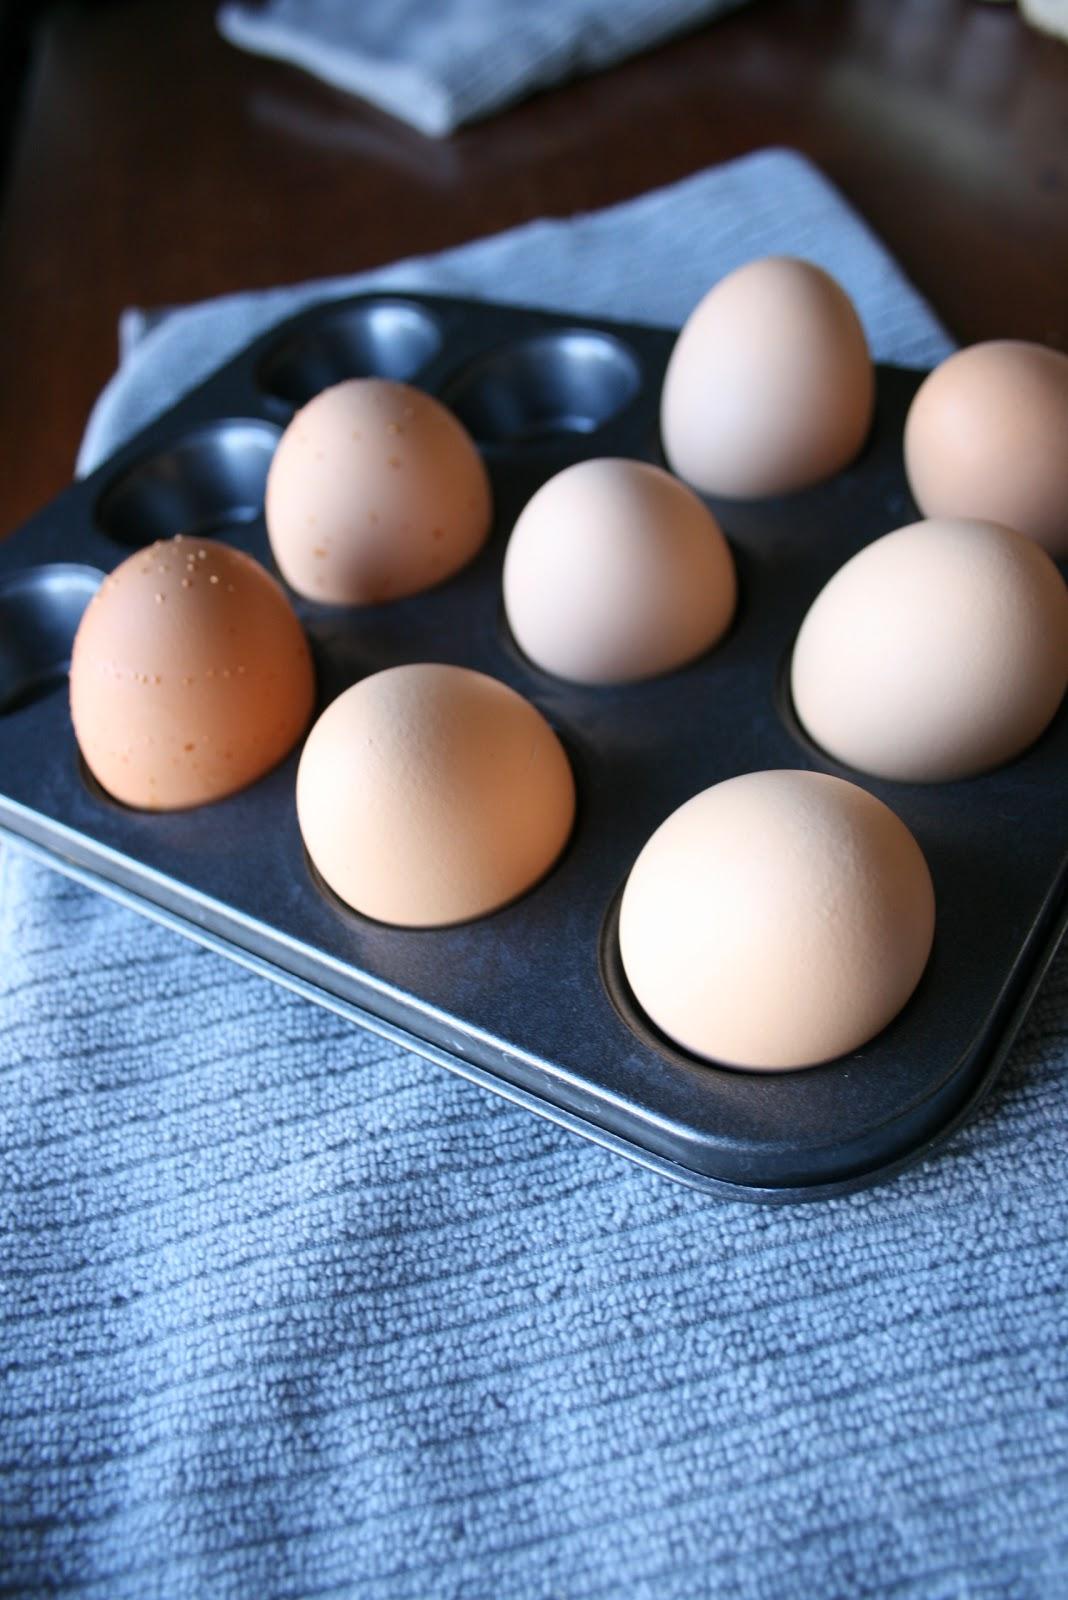 moldes para cupcakes - huevos duros